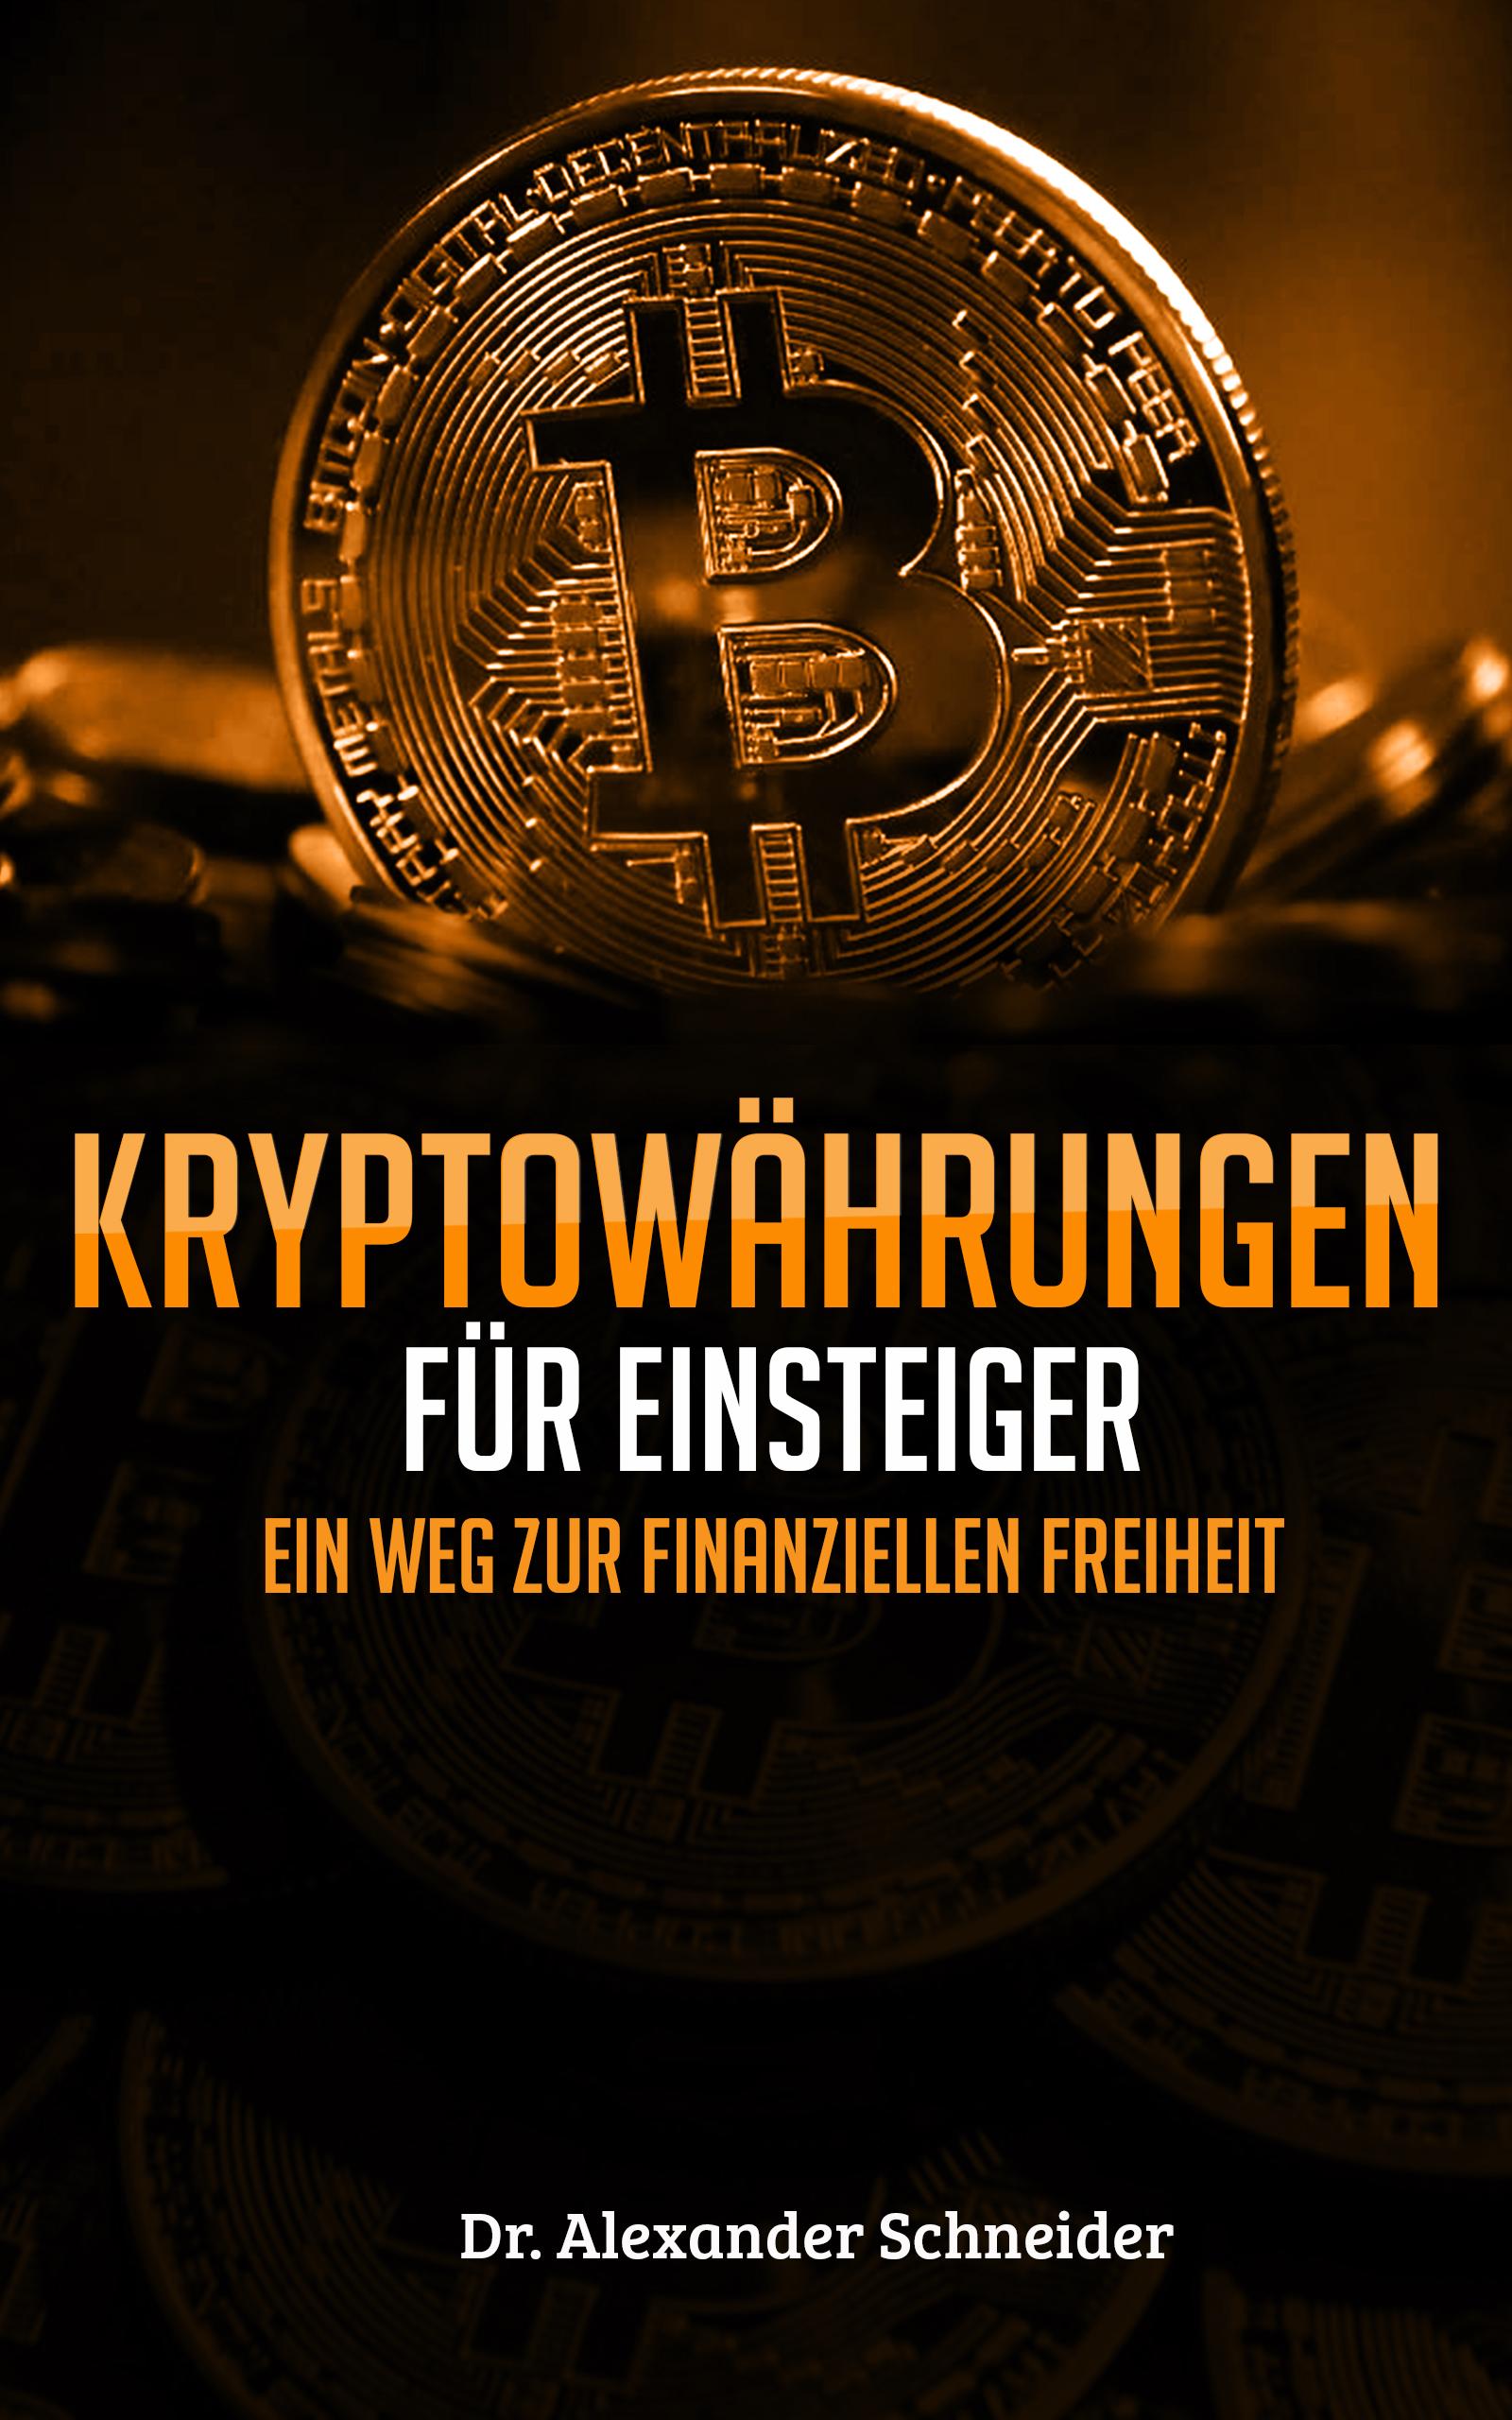 Dr. Alexander Schneider – Kryptowährungen: Einfach erklärt! Ein Weg zur finanziellen Freiheit!